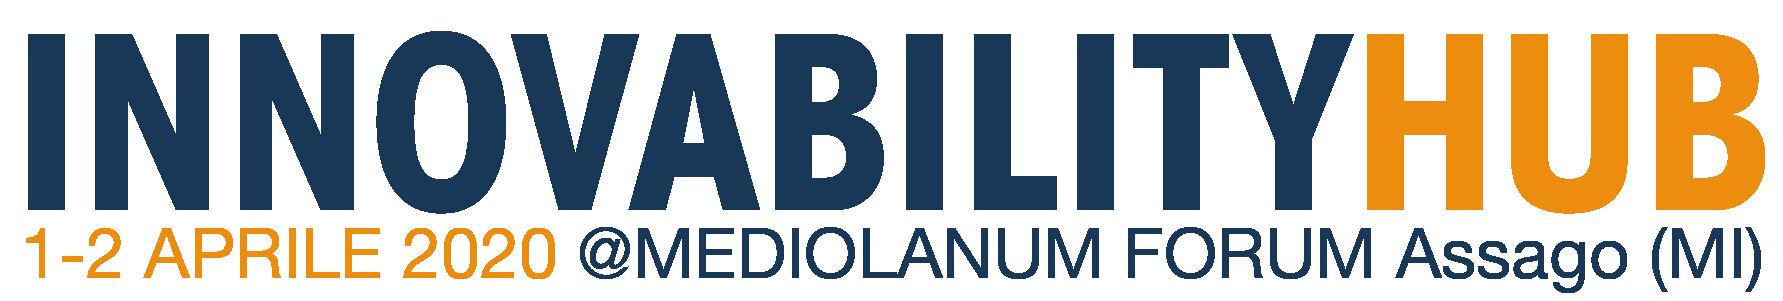 Innovability Hub @Mediolanum Forum